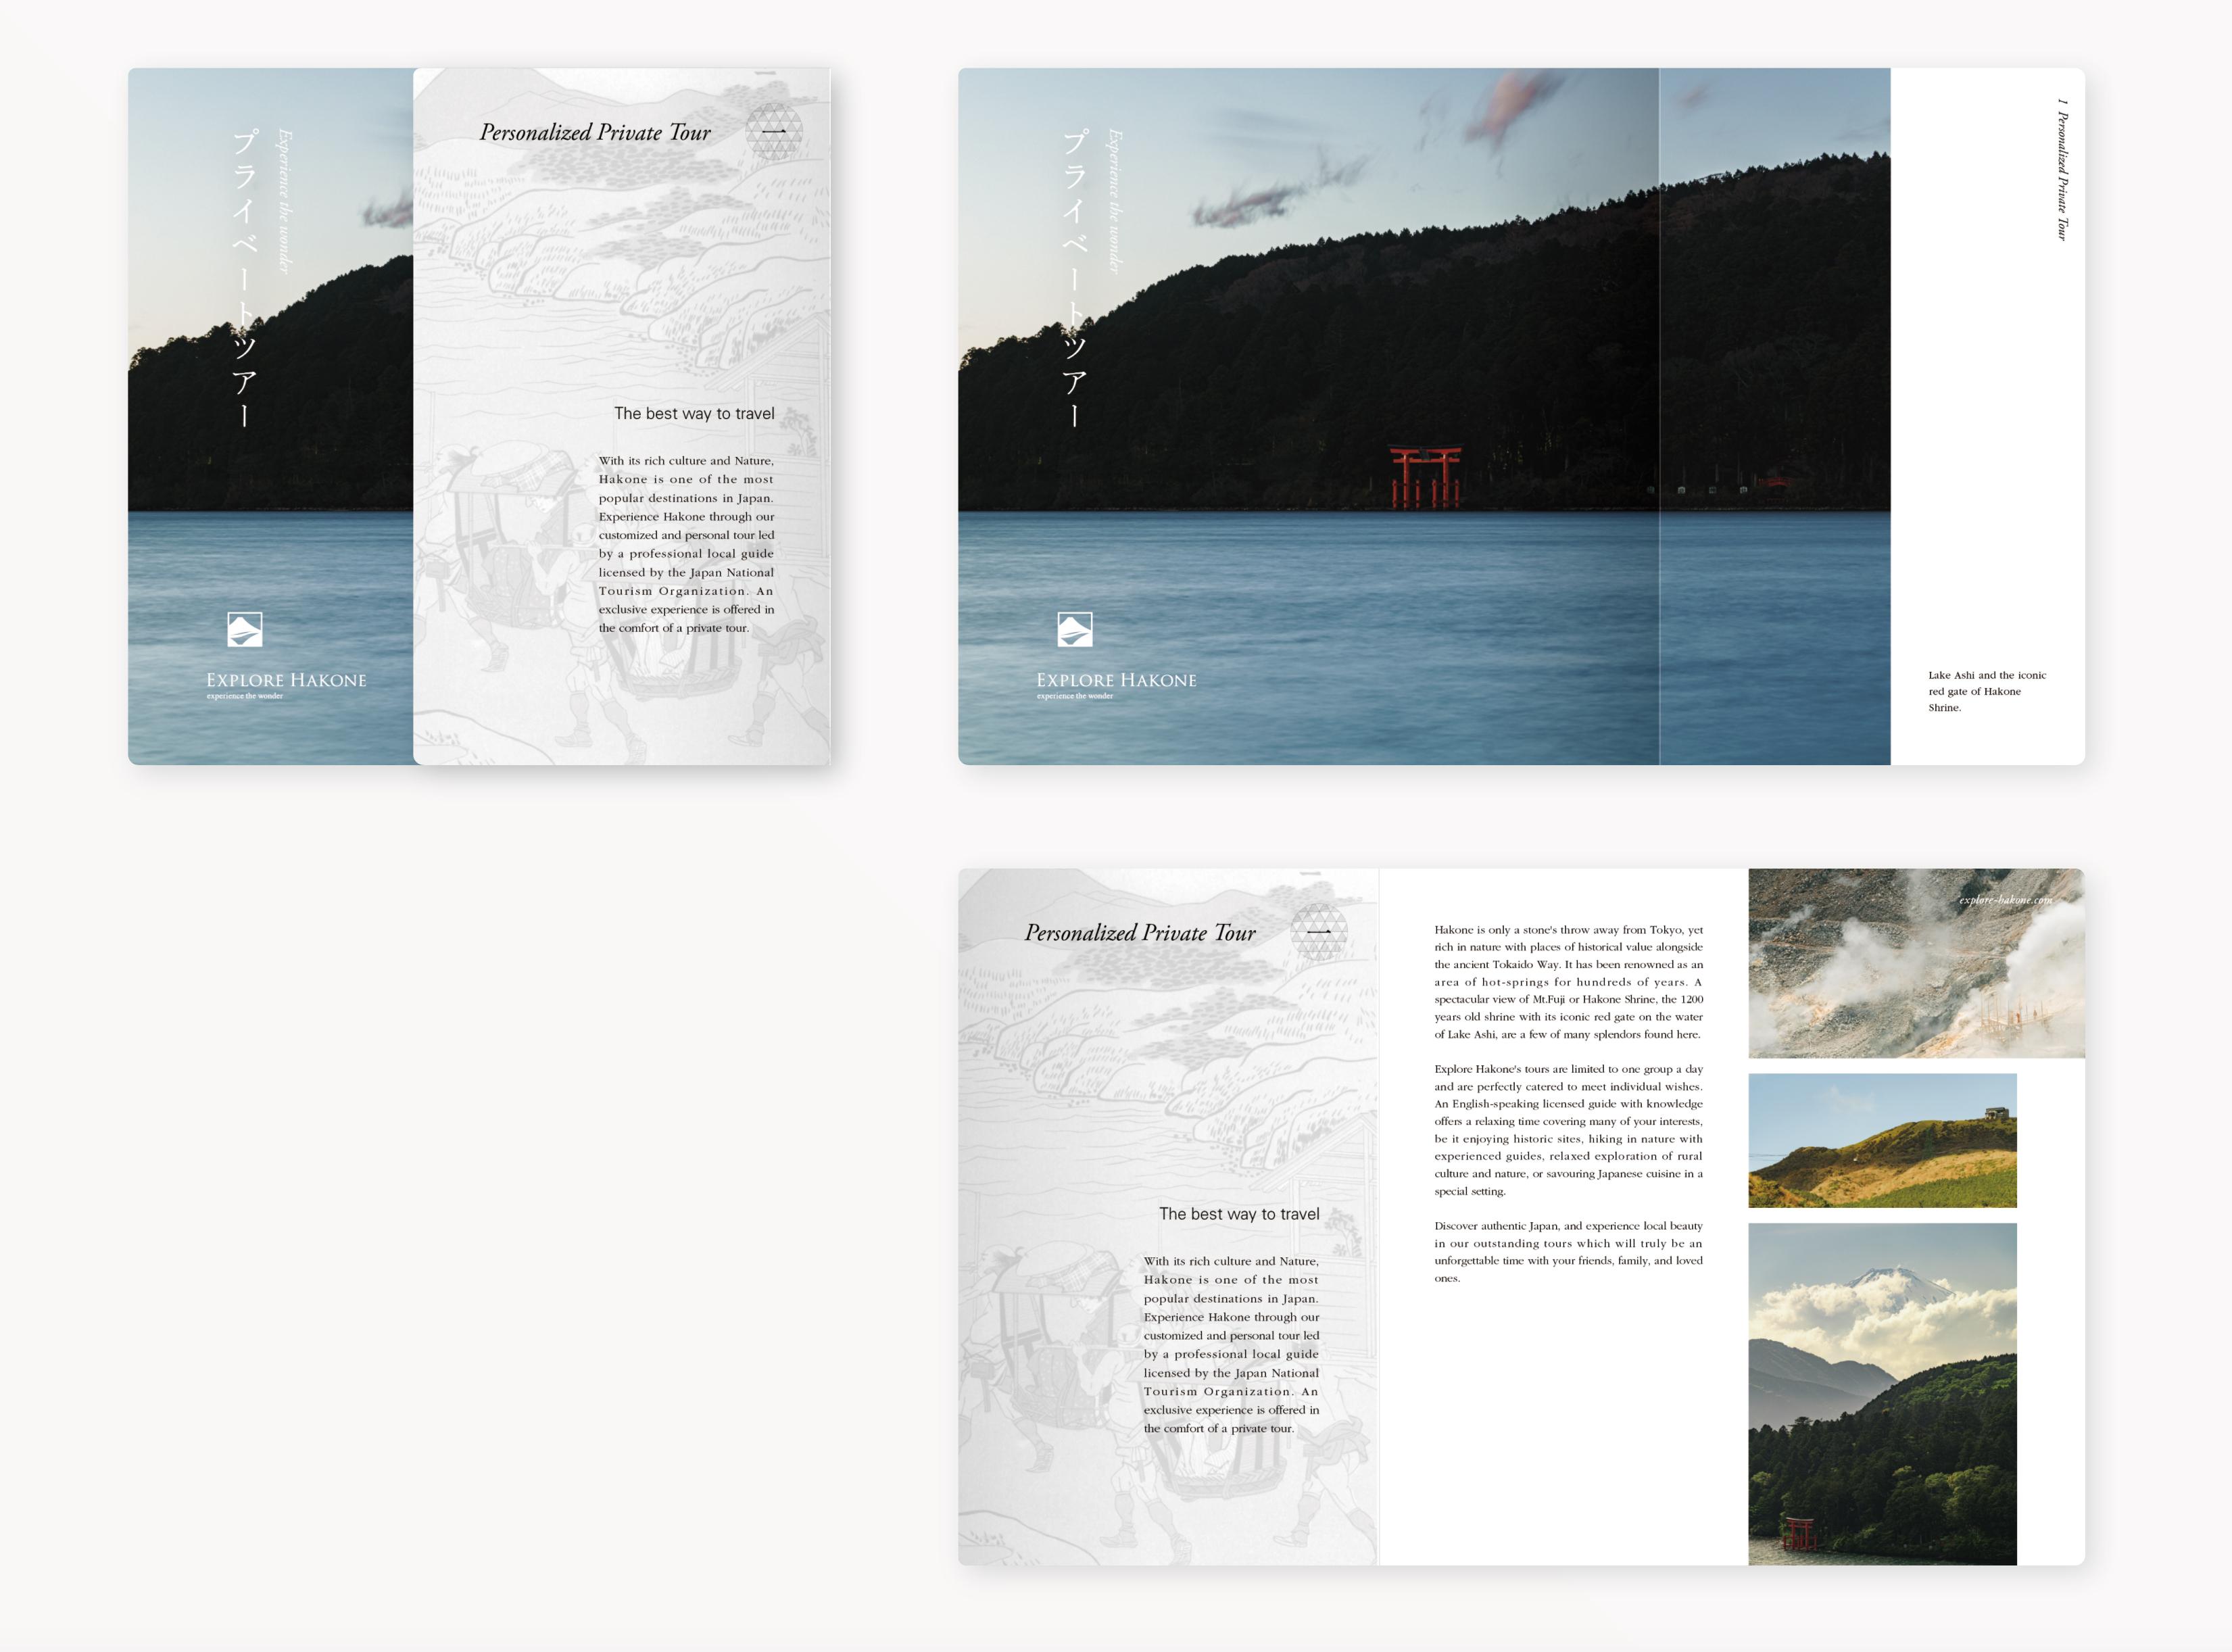 グラフィックデザイン パンフレットデザイン パッケージデザイン 編集エディトリアル 神奈川県 箱根 プライベートツアー